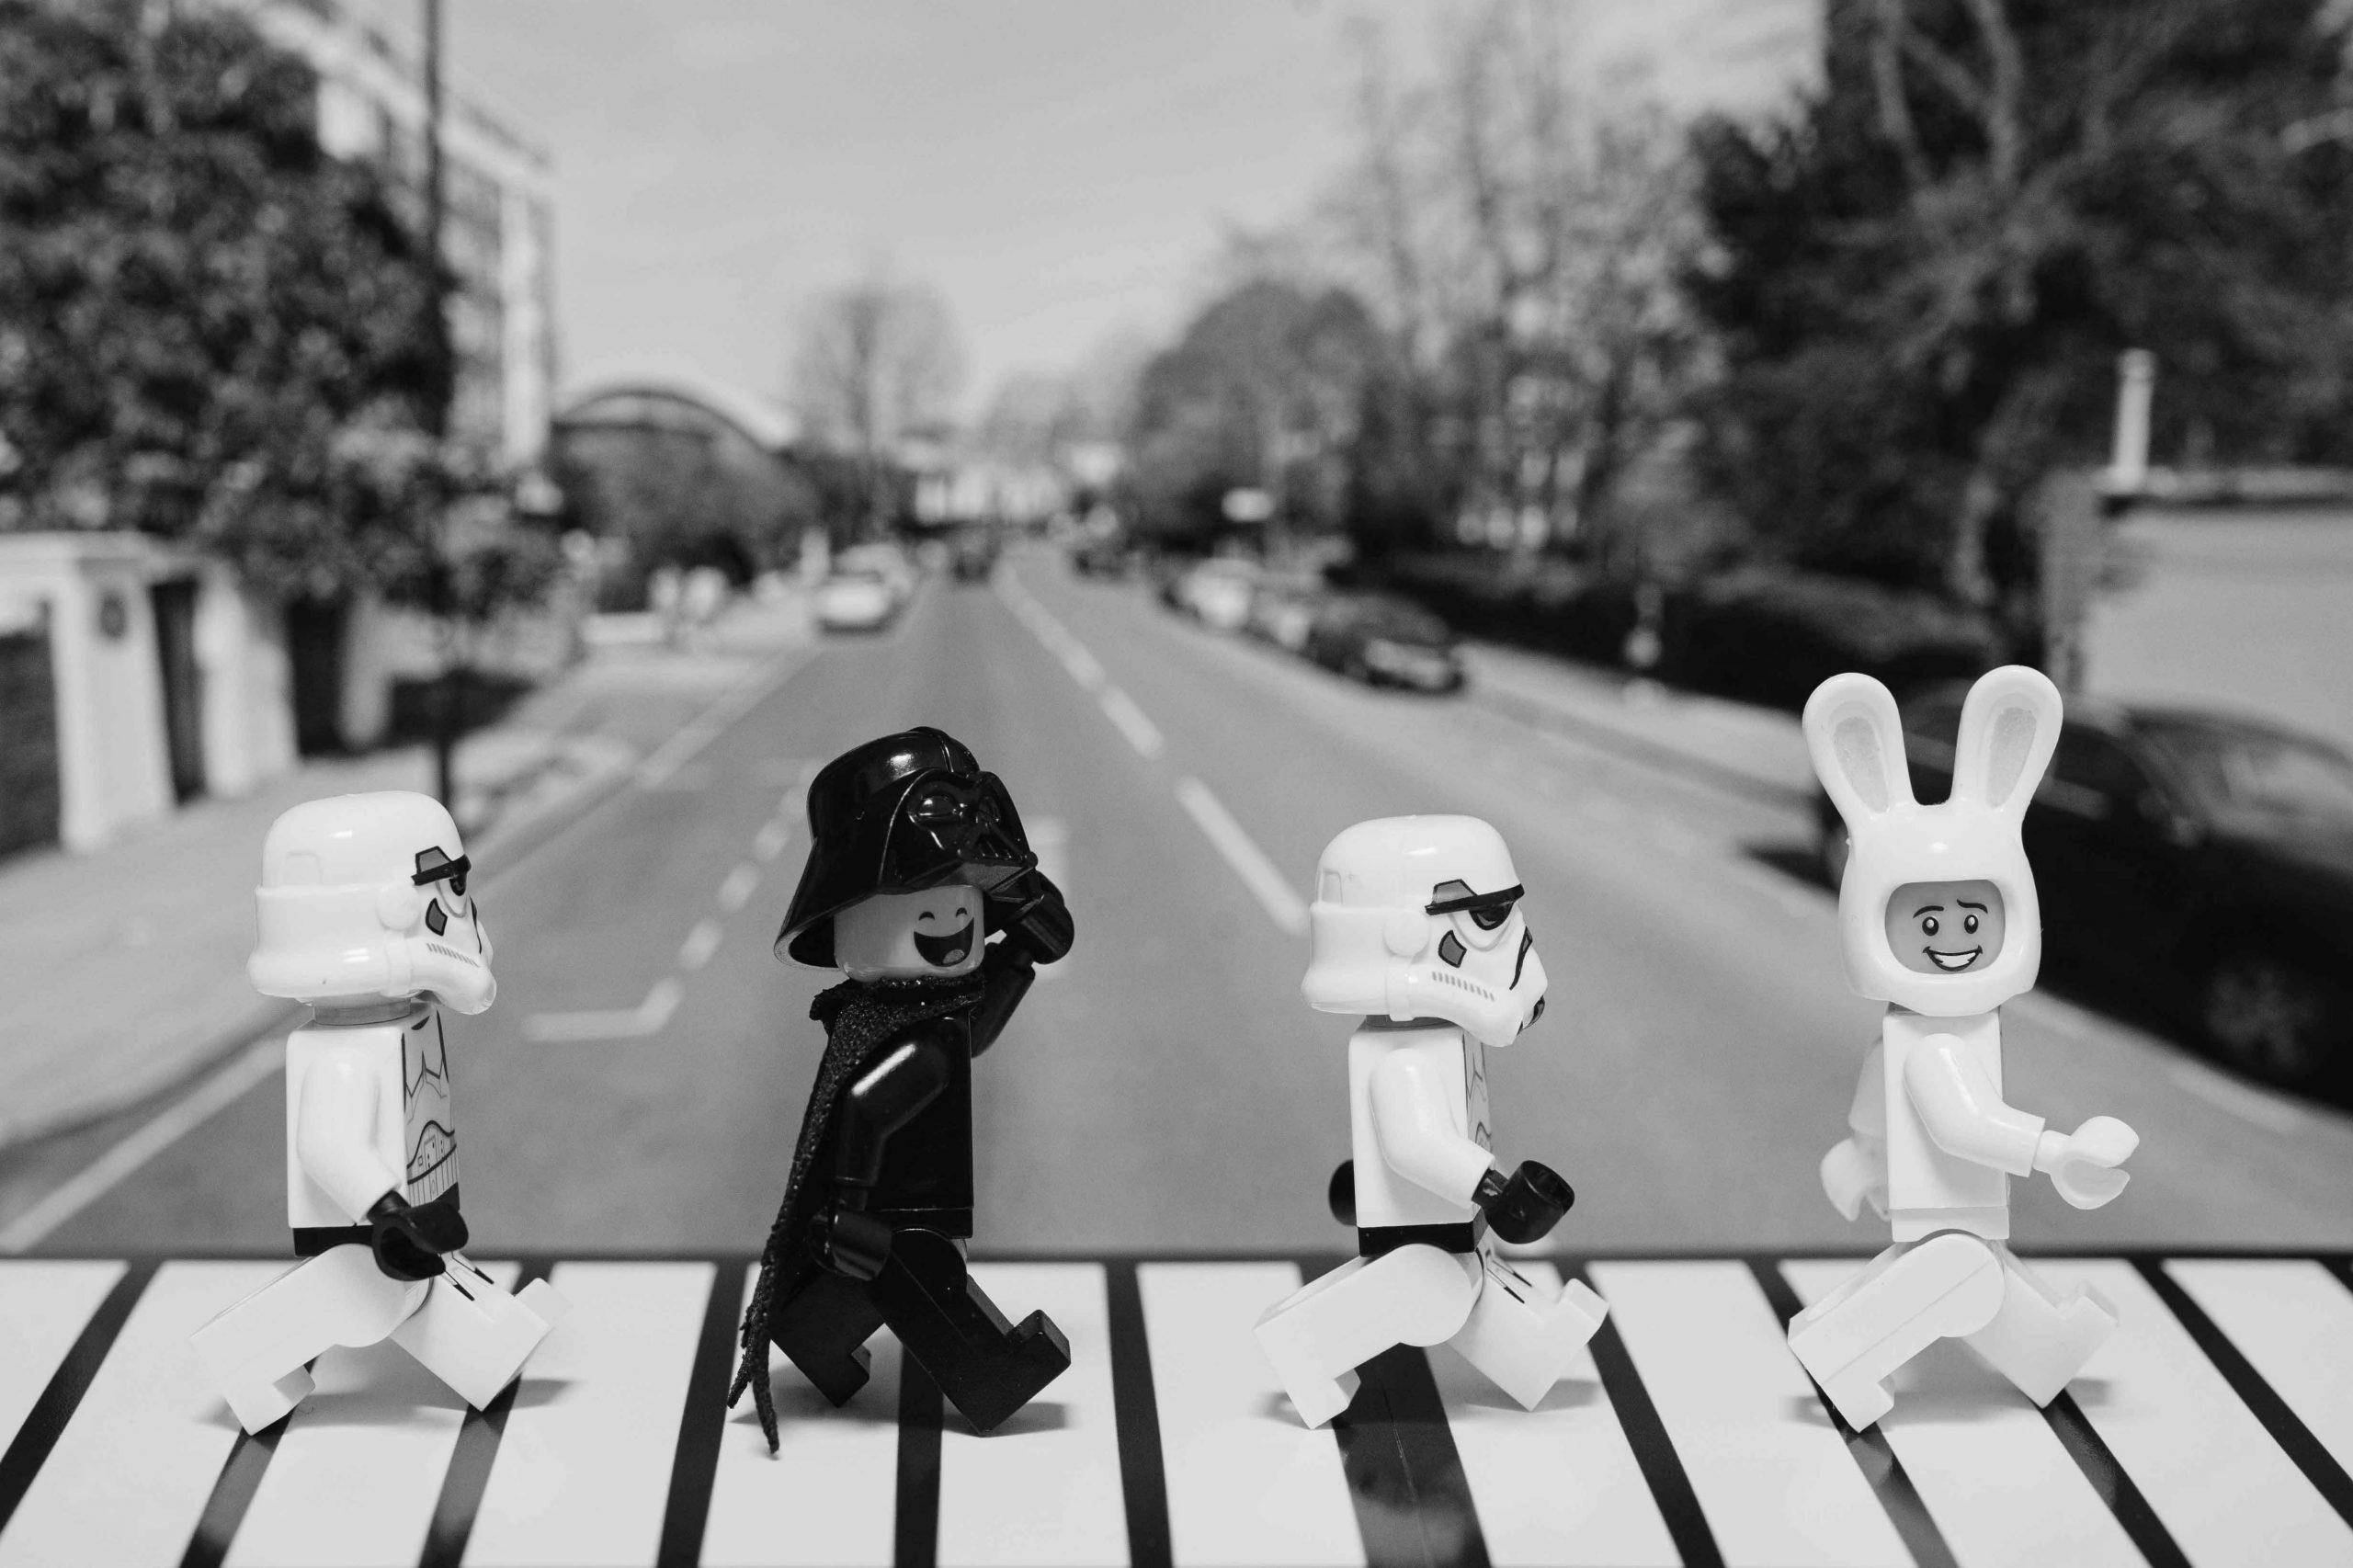 Beitrag: Dr. Stephan Bücker, Krieg der (Klemm-)Bausteine, Lego